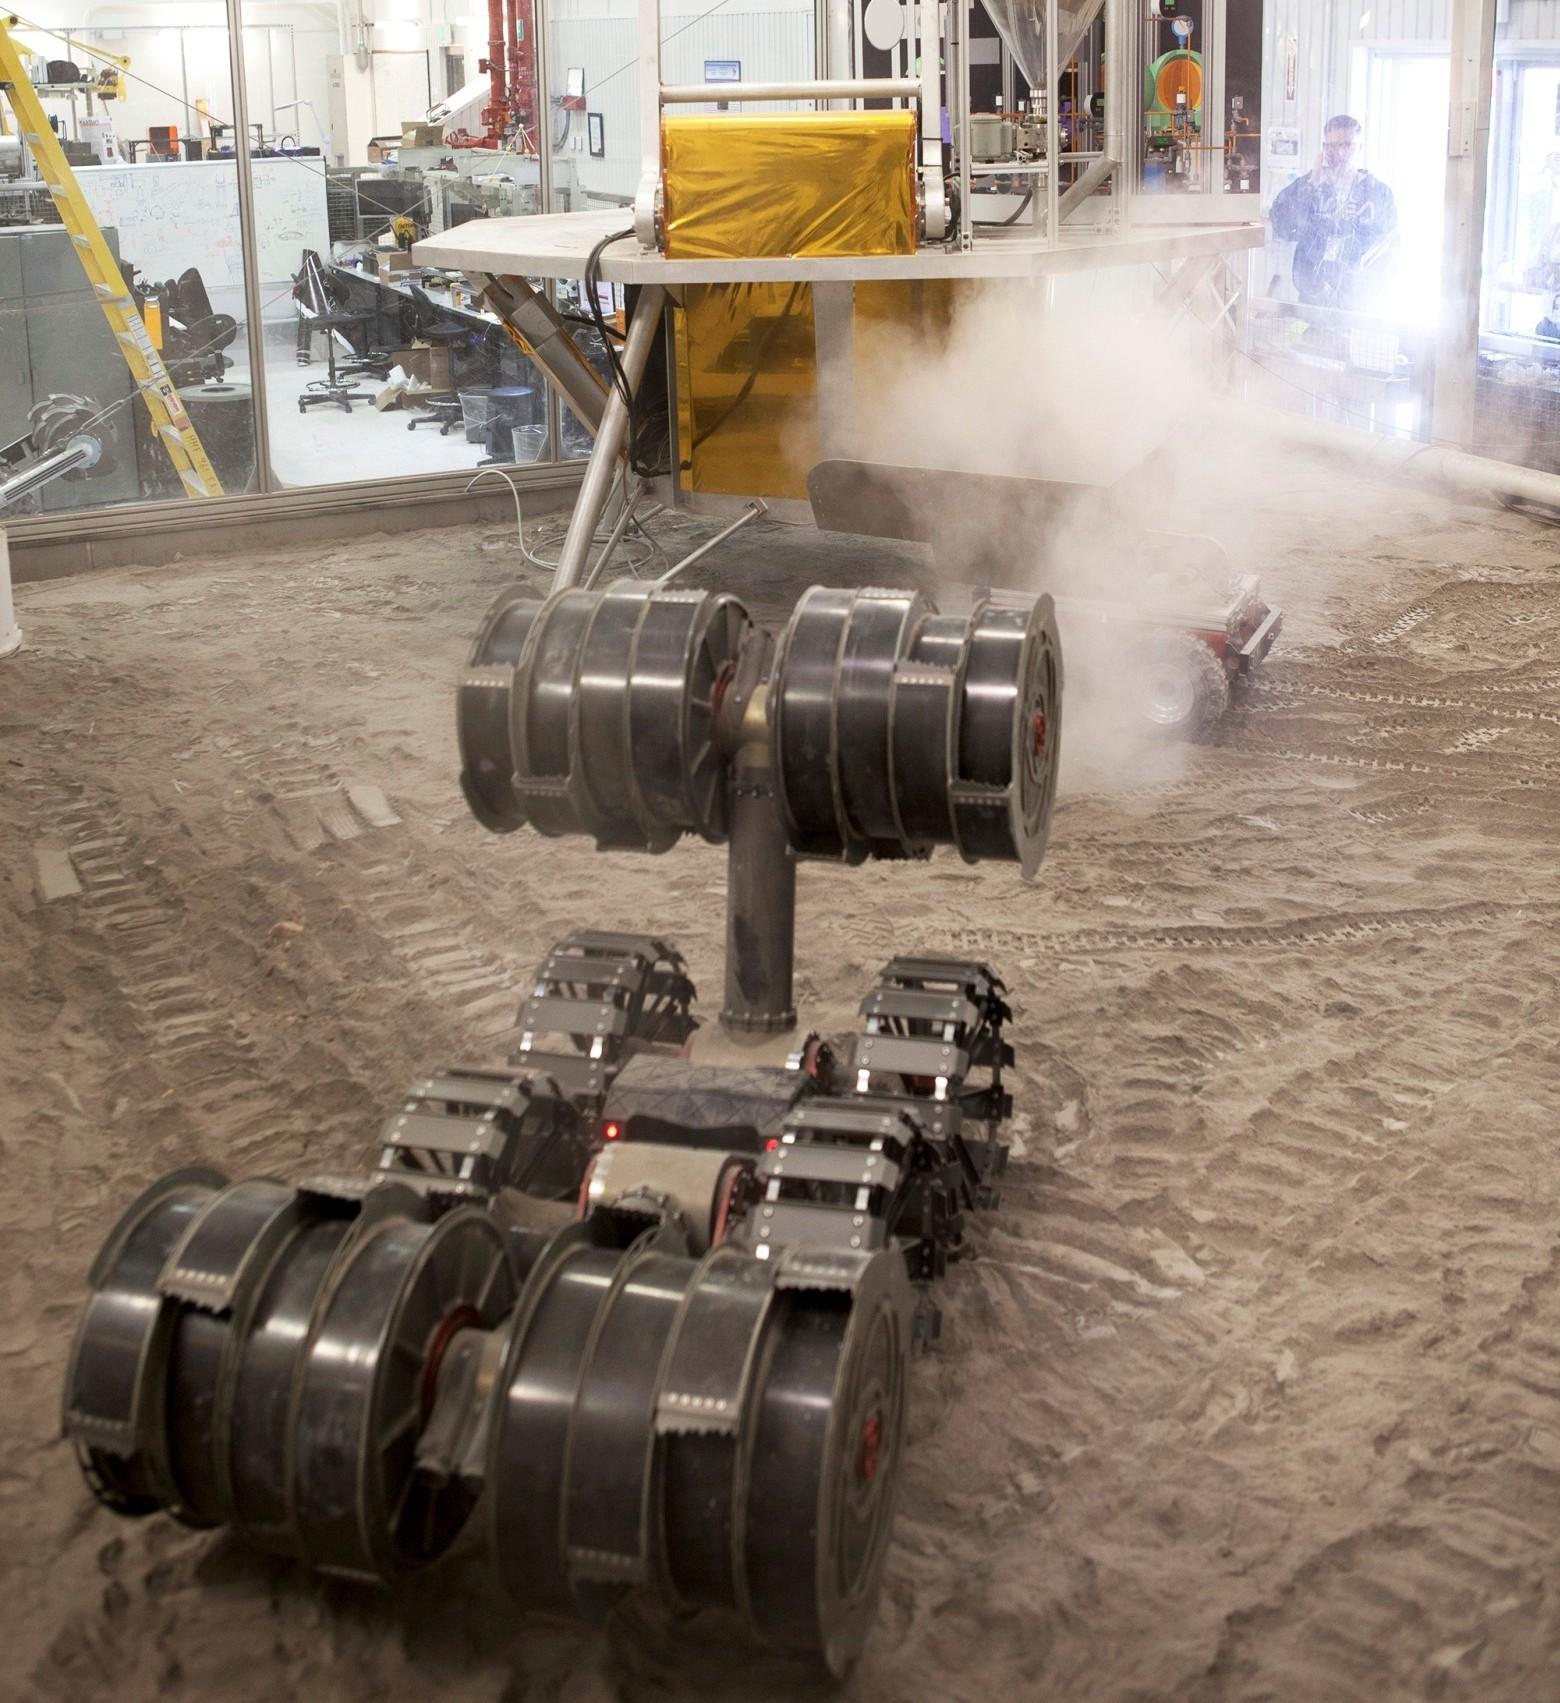 НАСА испытало роторный экскаватор для Марса - 1